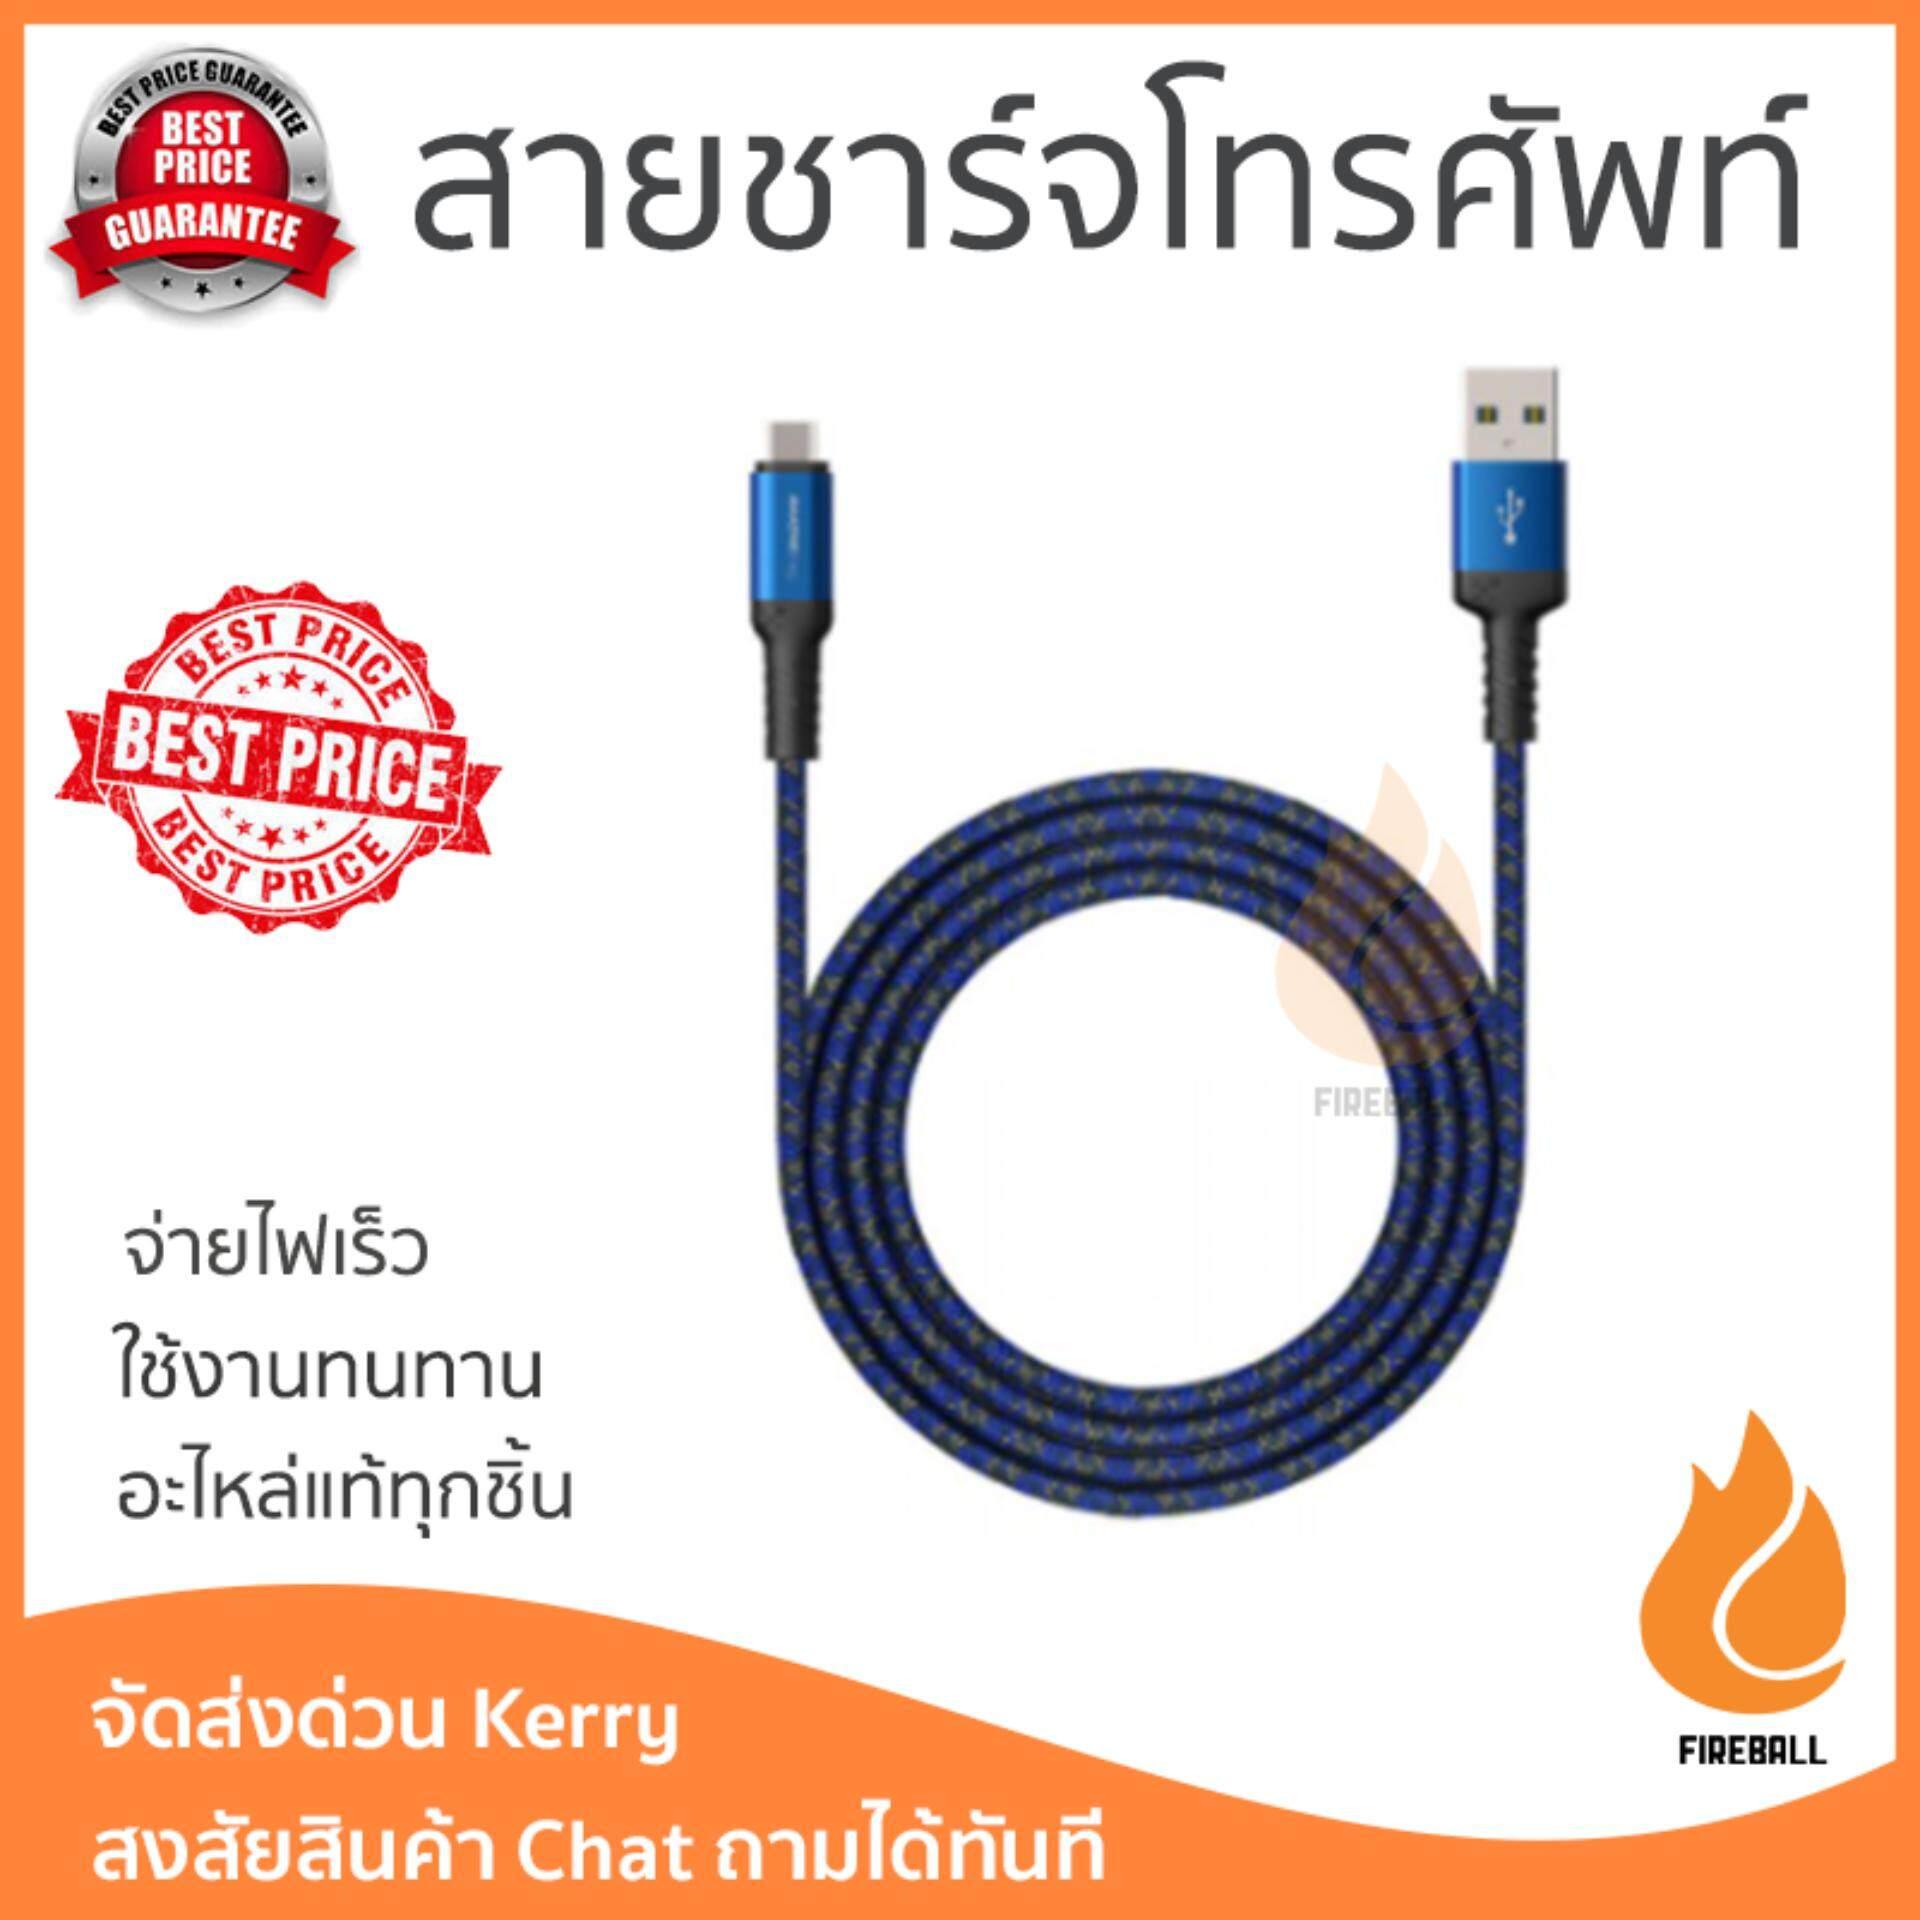 ลดสุดๆ ราคาพิเศษ รุ่นยอดนิยม สายชาร์จโทรศัพท์ AMAZINGthing USB-A to USB-C Cable SupremeLink Bullet Shield 1.2M. Blue สายชาร์จทนทาน แข็งแรง จ่ายไฟเร็ว Mobile Cable จัดส่งฟรี Kerry ทั่วประเทศ